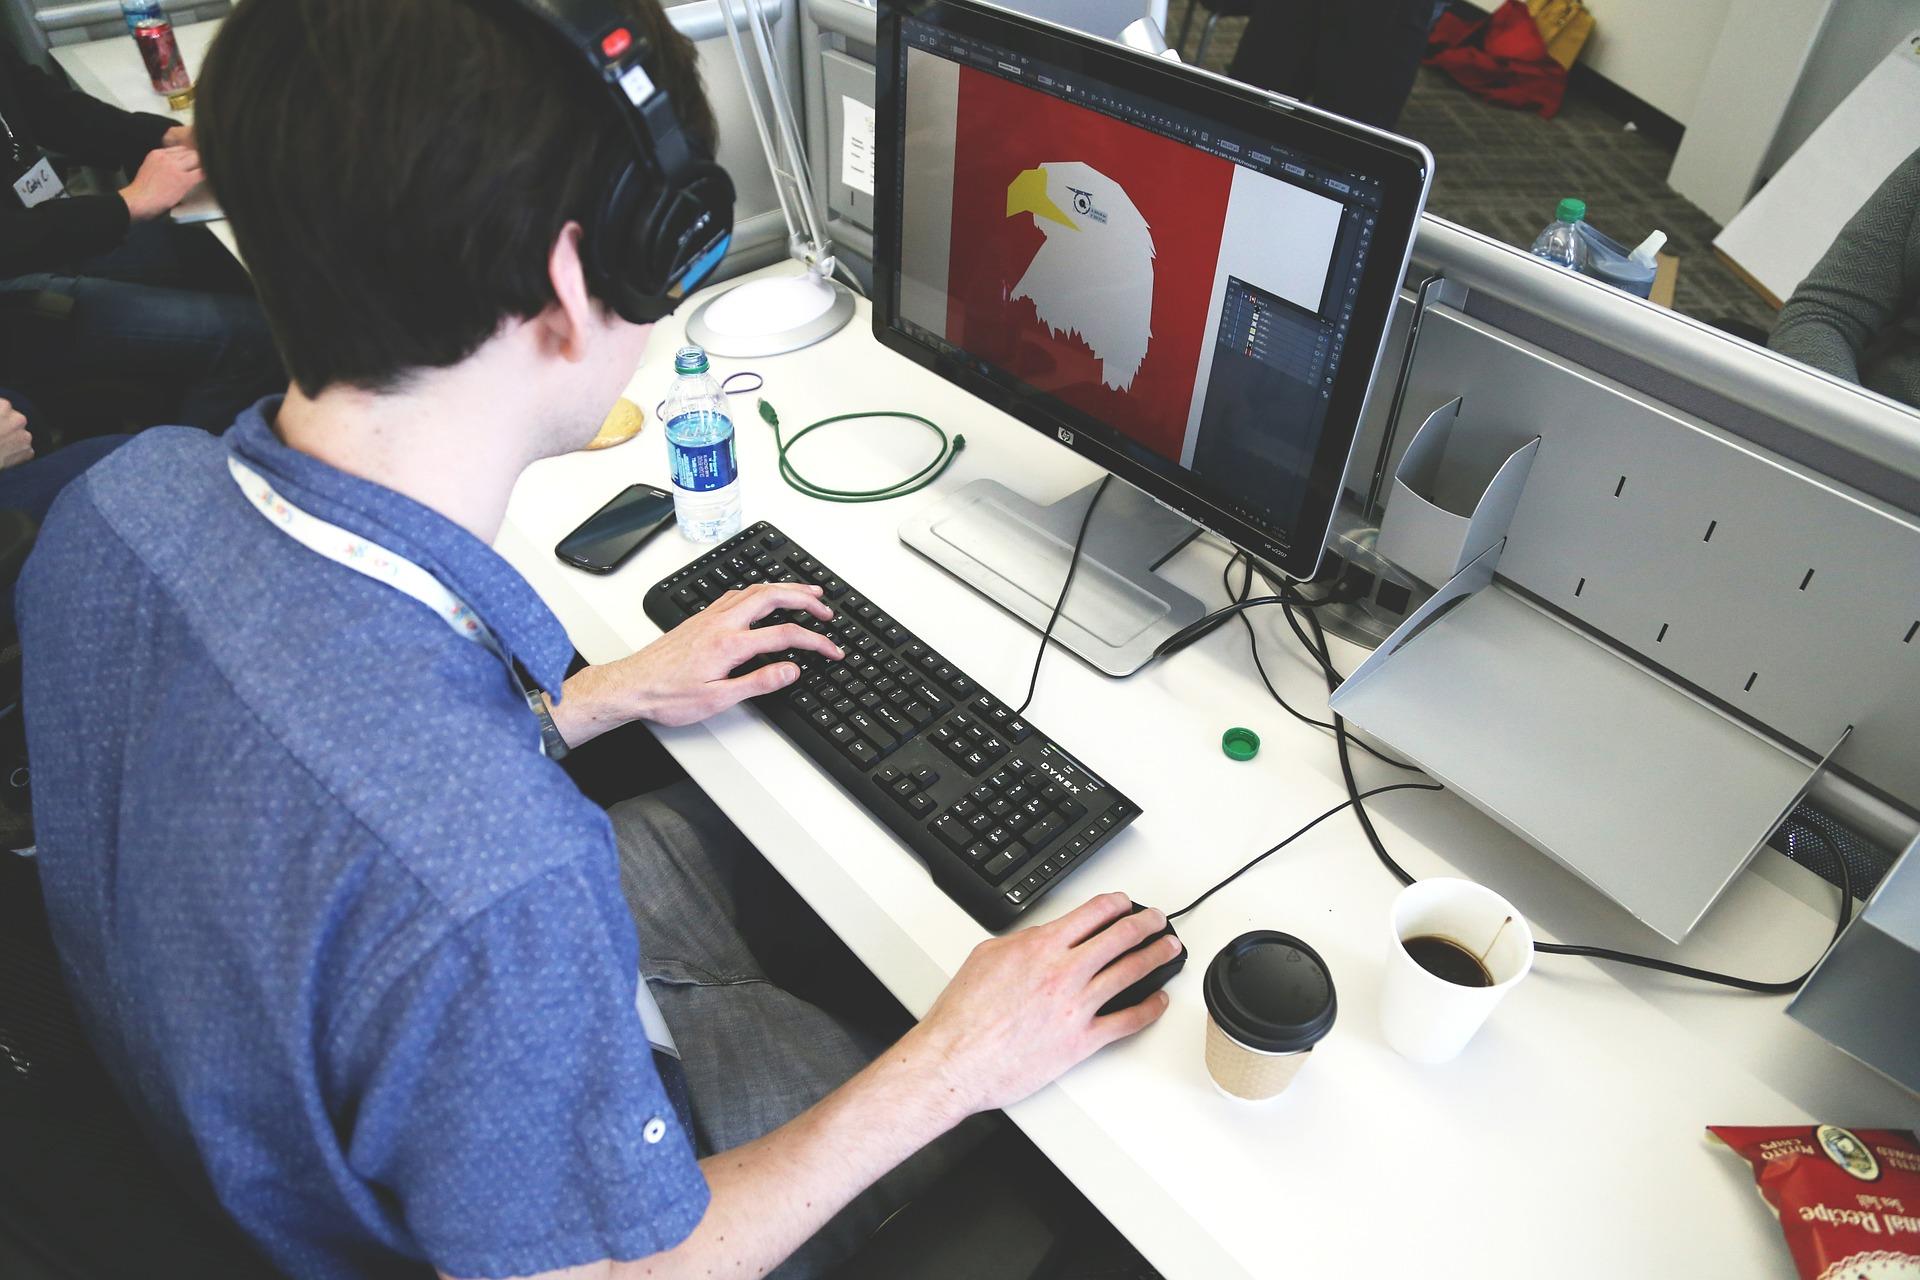 Homem criando imagem no computador.